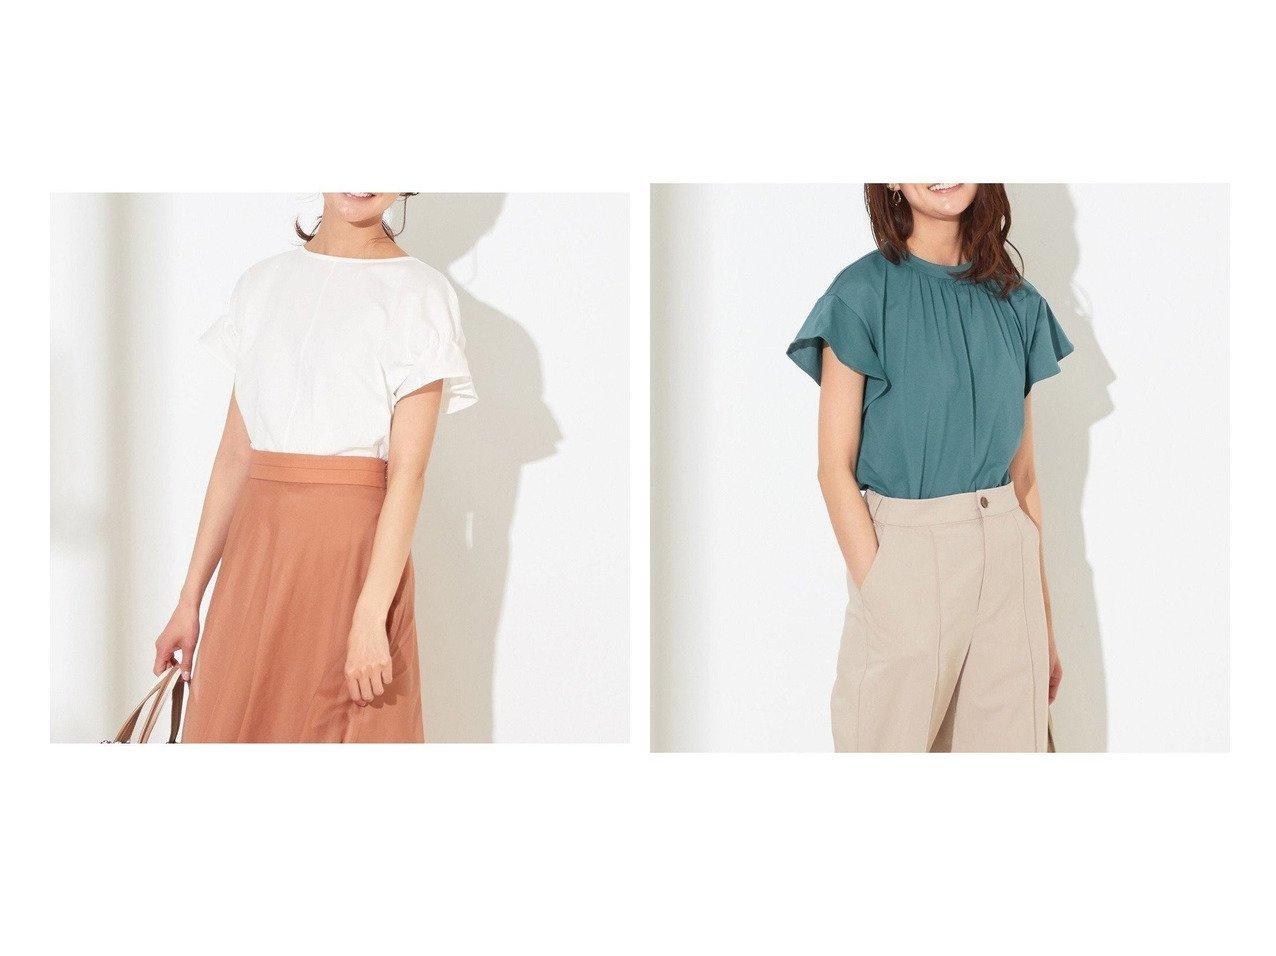 【any SiS/エニィ スィス】の【NAIL HOLICコラボ】タックスリーブ Tシャツ&【NAIL HOLICコラボ】スタンドネック Tシャツ 別注・限定・コラボなど、おすすめ!人気トレンド・レディースファッション通販 おすすめで人気の流行・トレンド、ファッションの通販商品 インテリア・家具・メンズファッション・キッズファッション・レディースファッション・服の通販 founy(ファニー) https://founy.com/ ファッション Fashion レディースファッション WOMEN トップス・カットソー Tops/Tshirt シャツ/ブラウス Shirts/Blouses ロング / Tシャツ T-Shirts カットソー Cut and Sewn カットソー コラボ 吸水 シャーリング スリーブ ネイル バランス フェミニン フリル フレンチ 送料無料 Free Shipping プチプライス・低価格 Affordable |ID:crp329100000043918